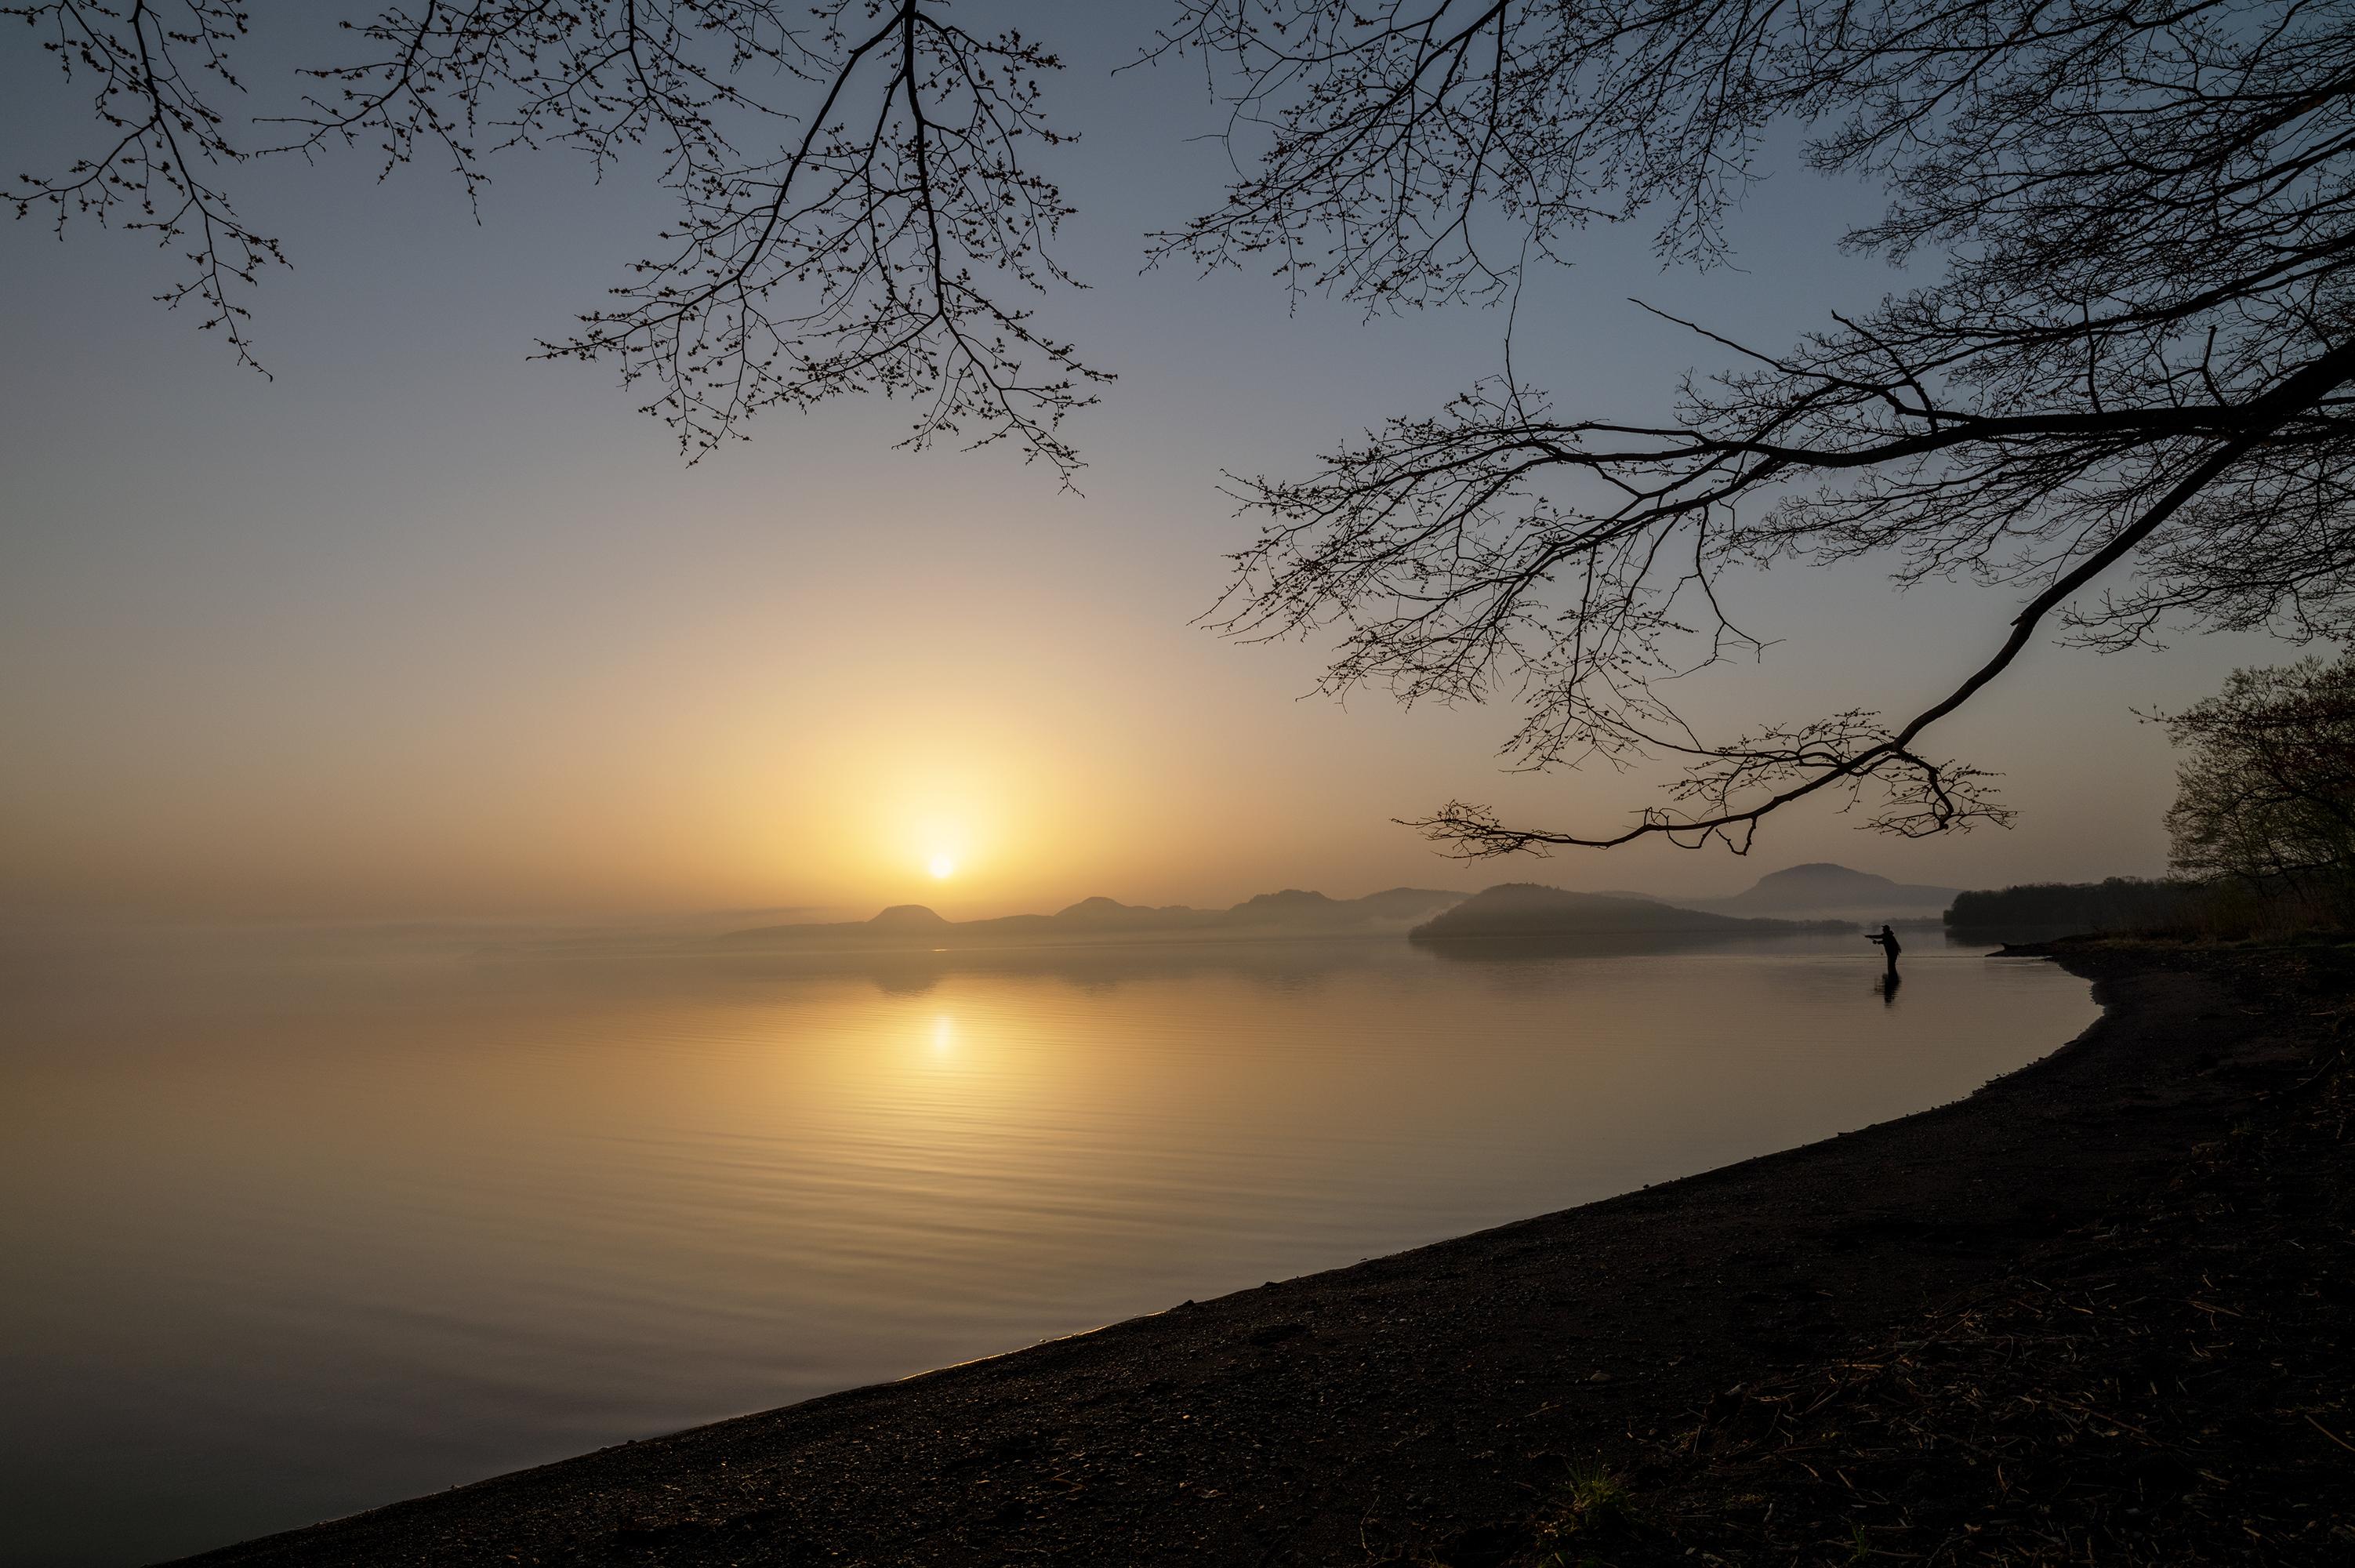 屈斜路湖の日の出(C)Anju